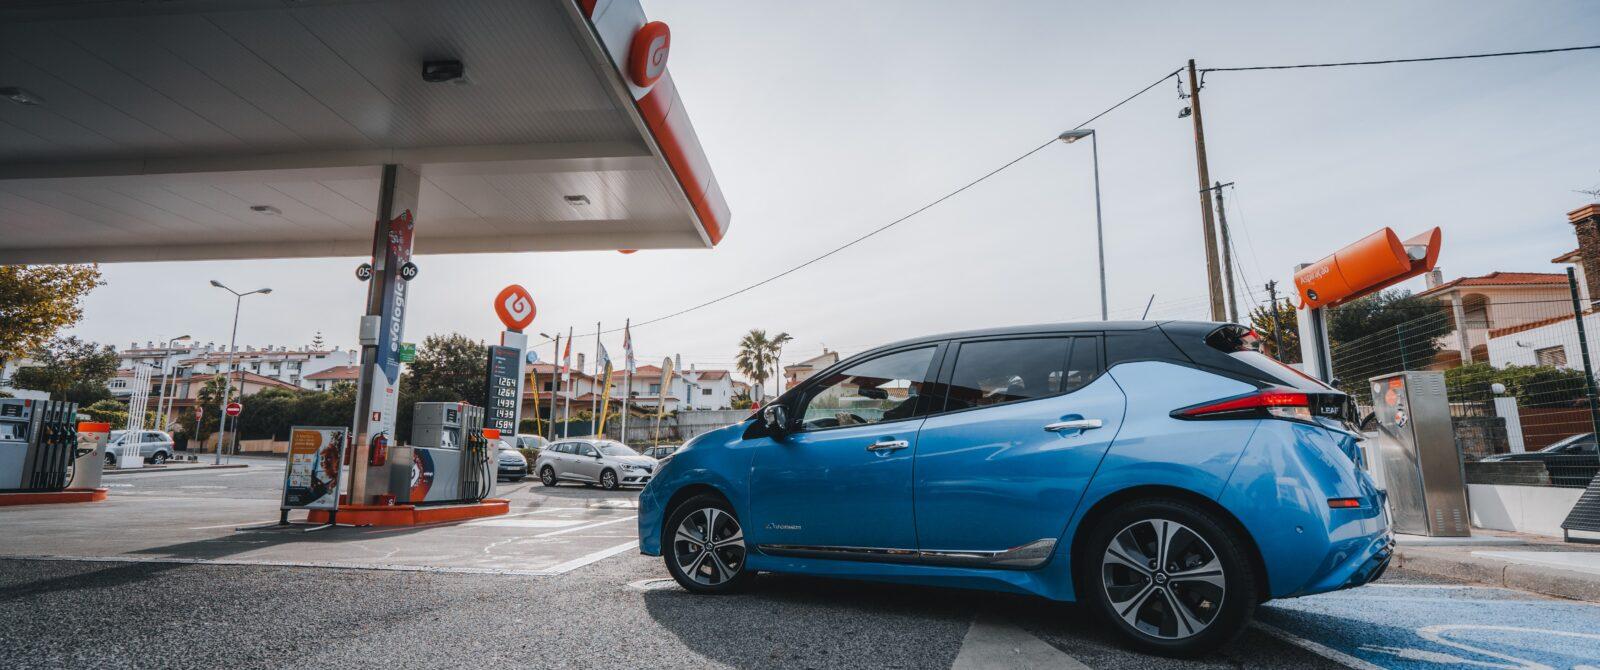 Os carros a gasolina e gasóleo vão acabar?